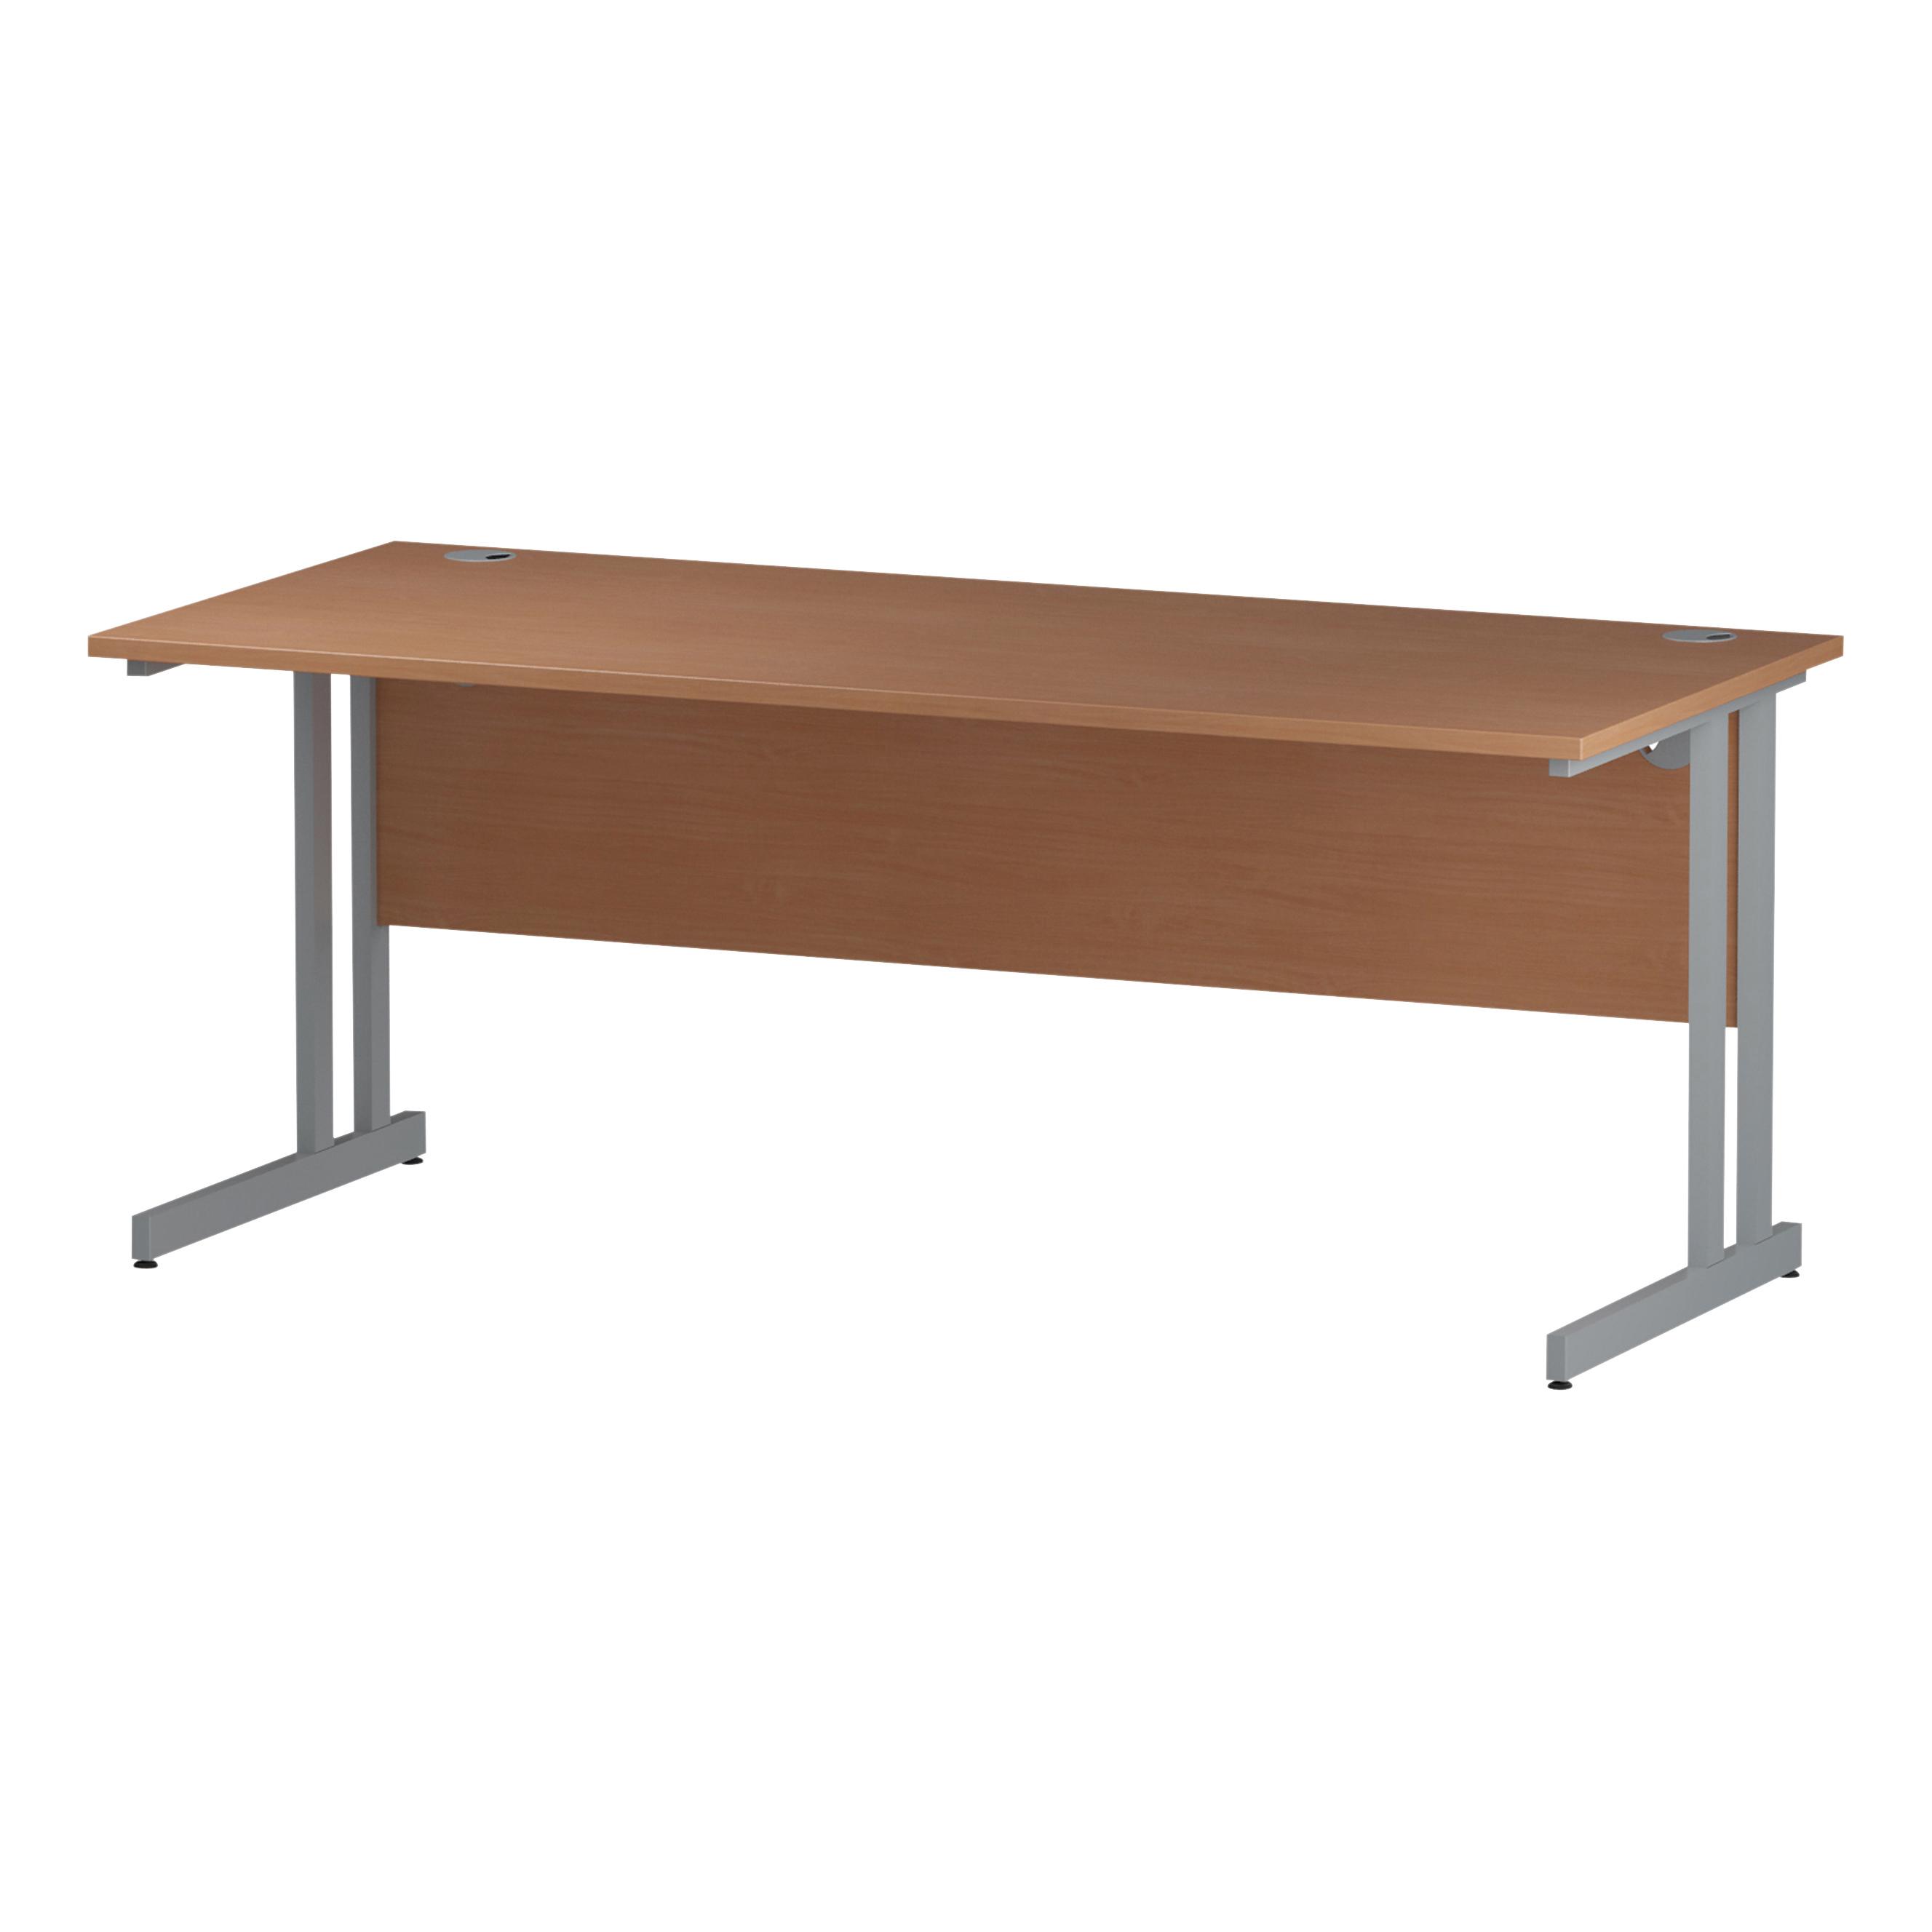 Trexus Rectangular Desk Cantilever Leg 1800mm Beech